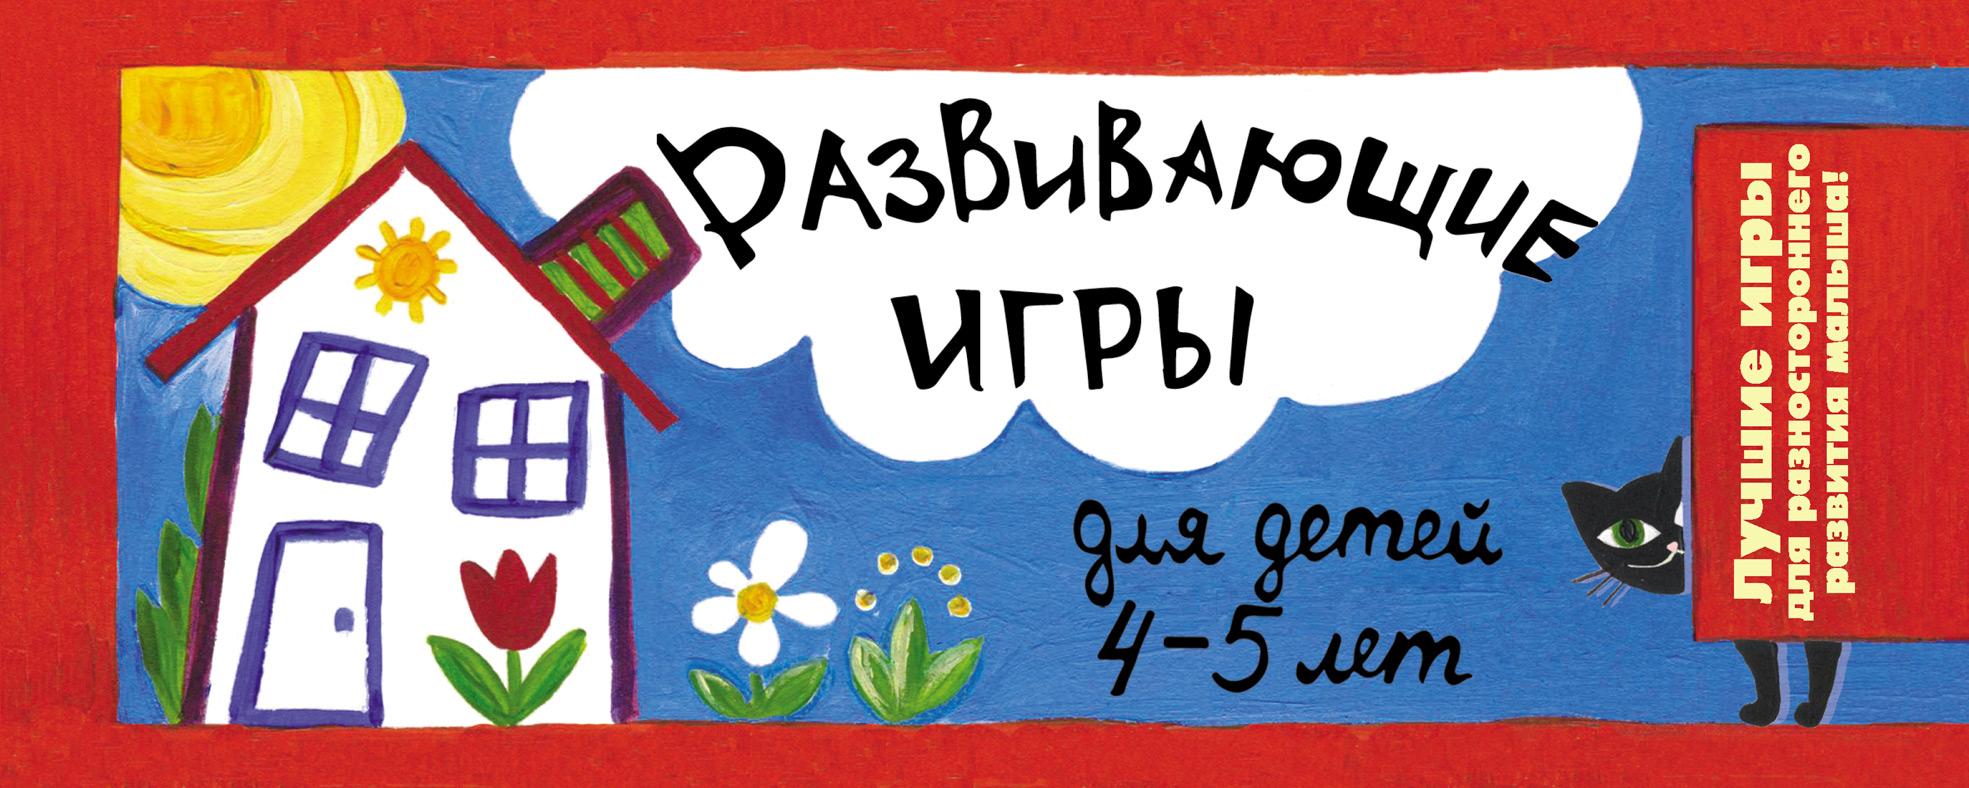 Ирина Парфенова Развивающие игры для детей 4-5 лет ирина парфенова развивающие игры для детей от 4 до 6 лет